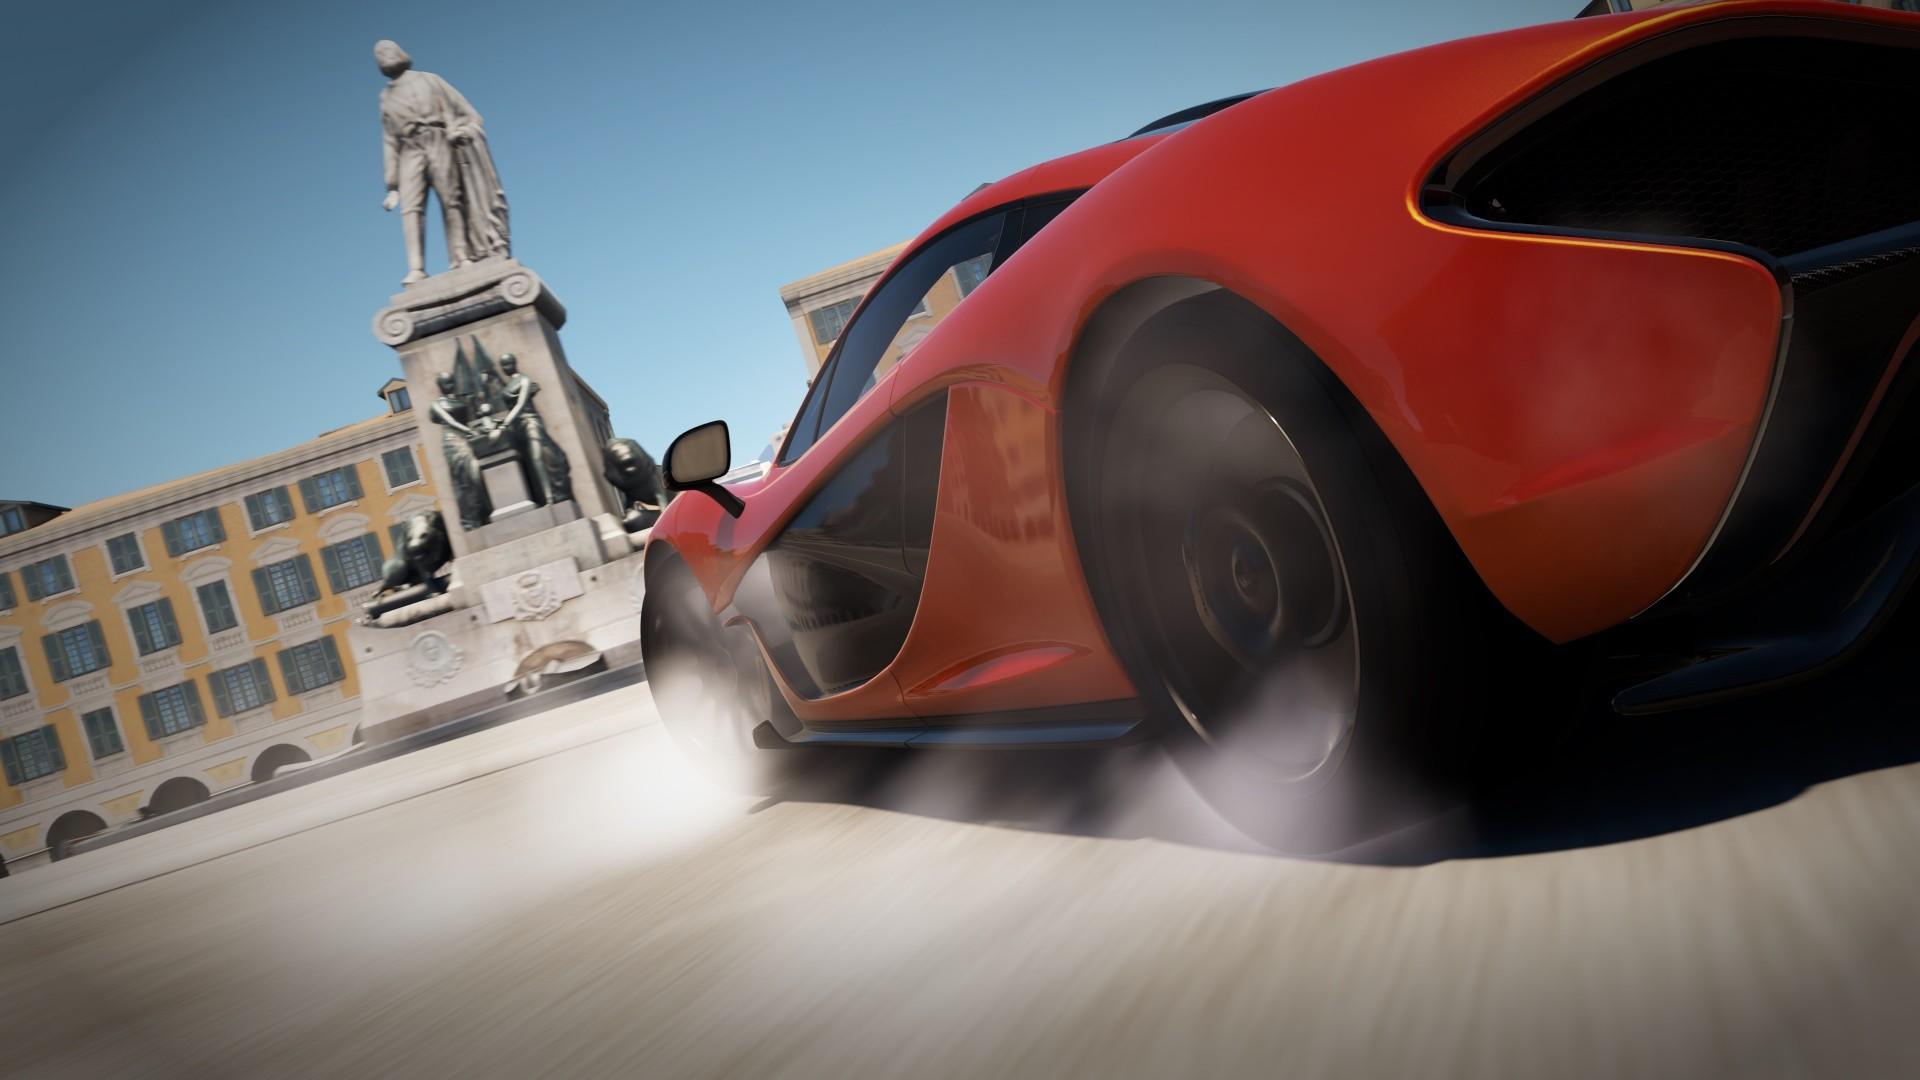 hintergrundbilder : videospiele, auto, fahrzeug, mclaren p1, rote